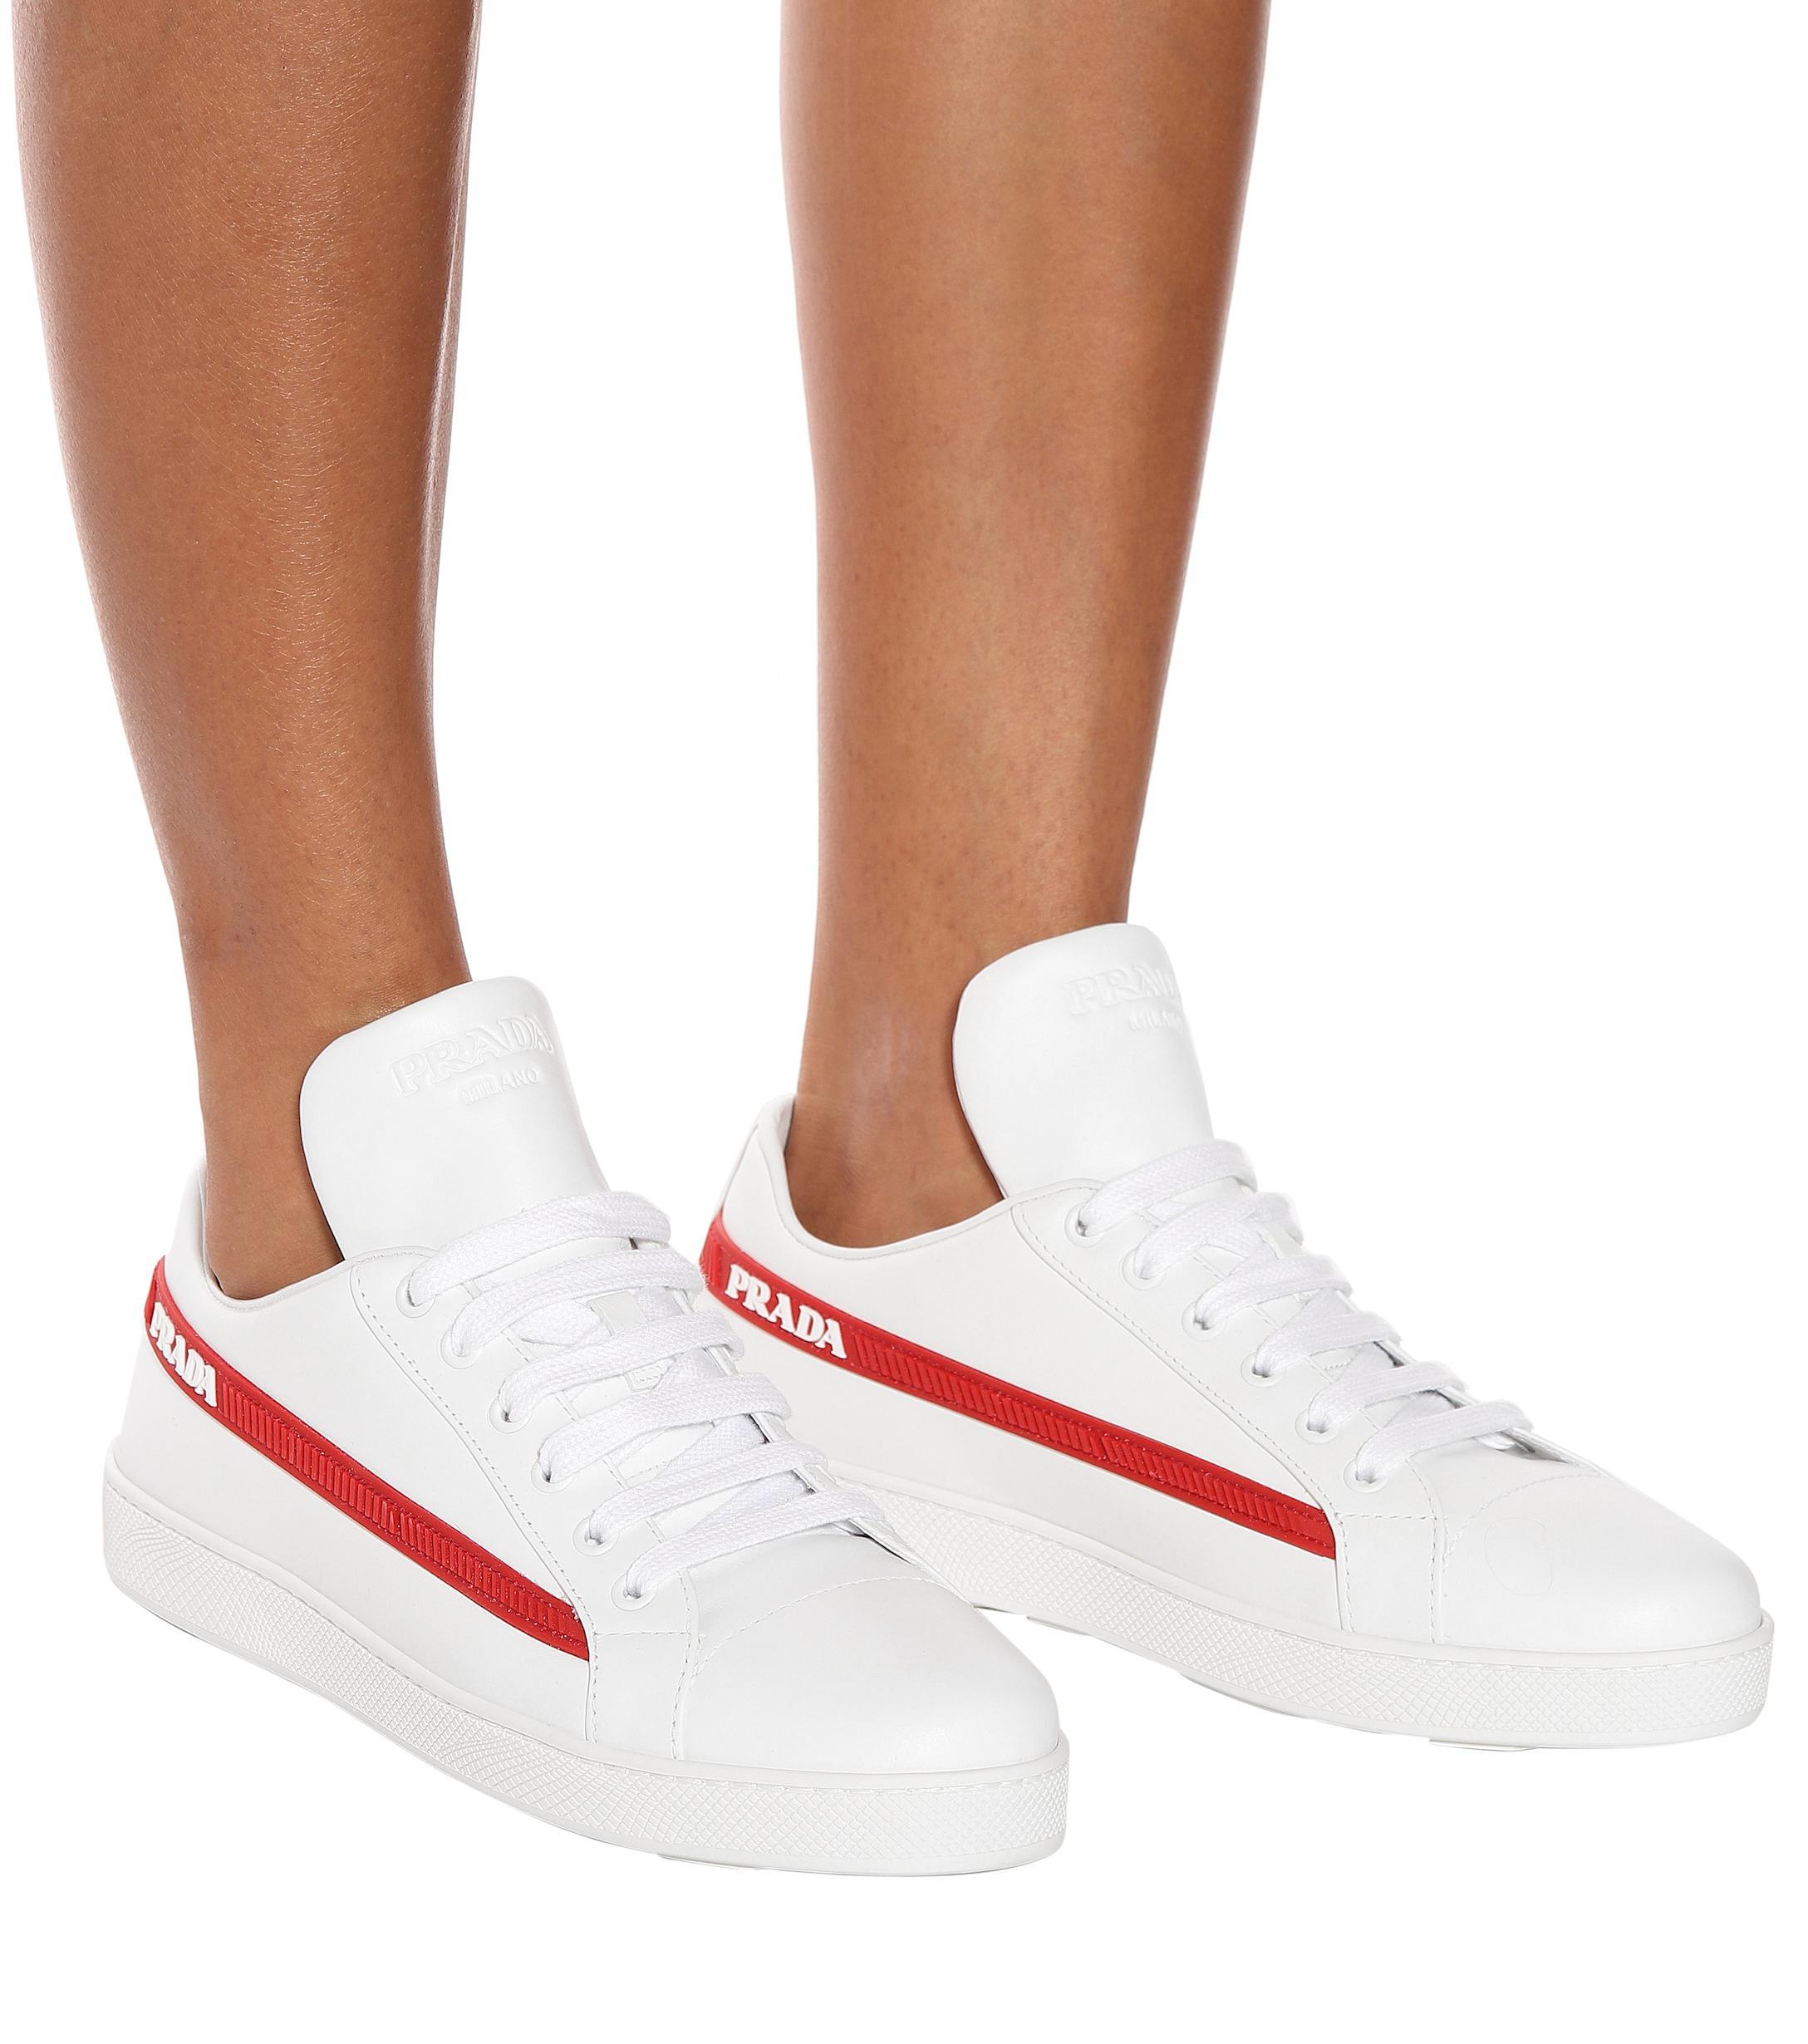 Zapatillas de piel Prada de Cuero de color Blanco